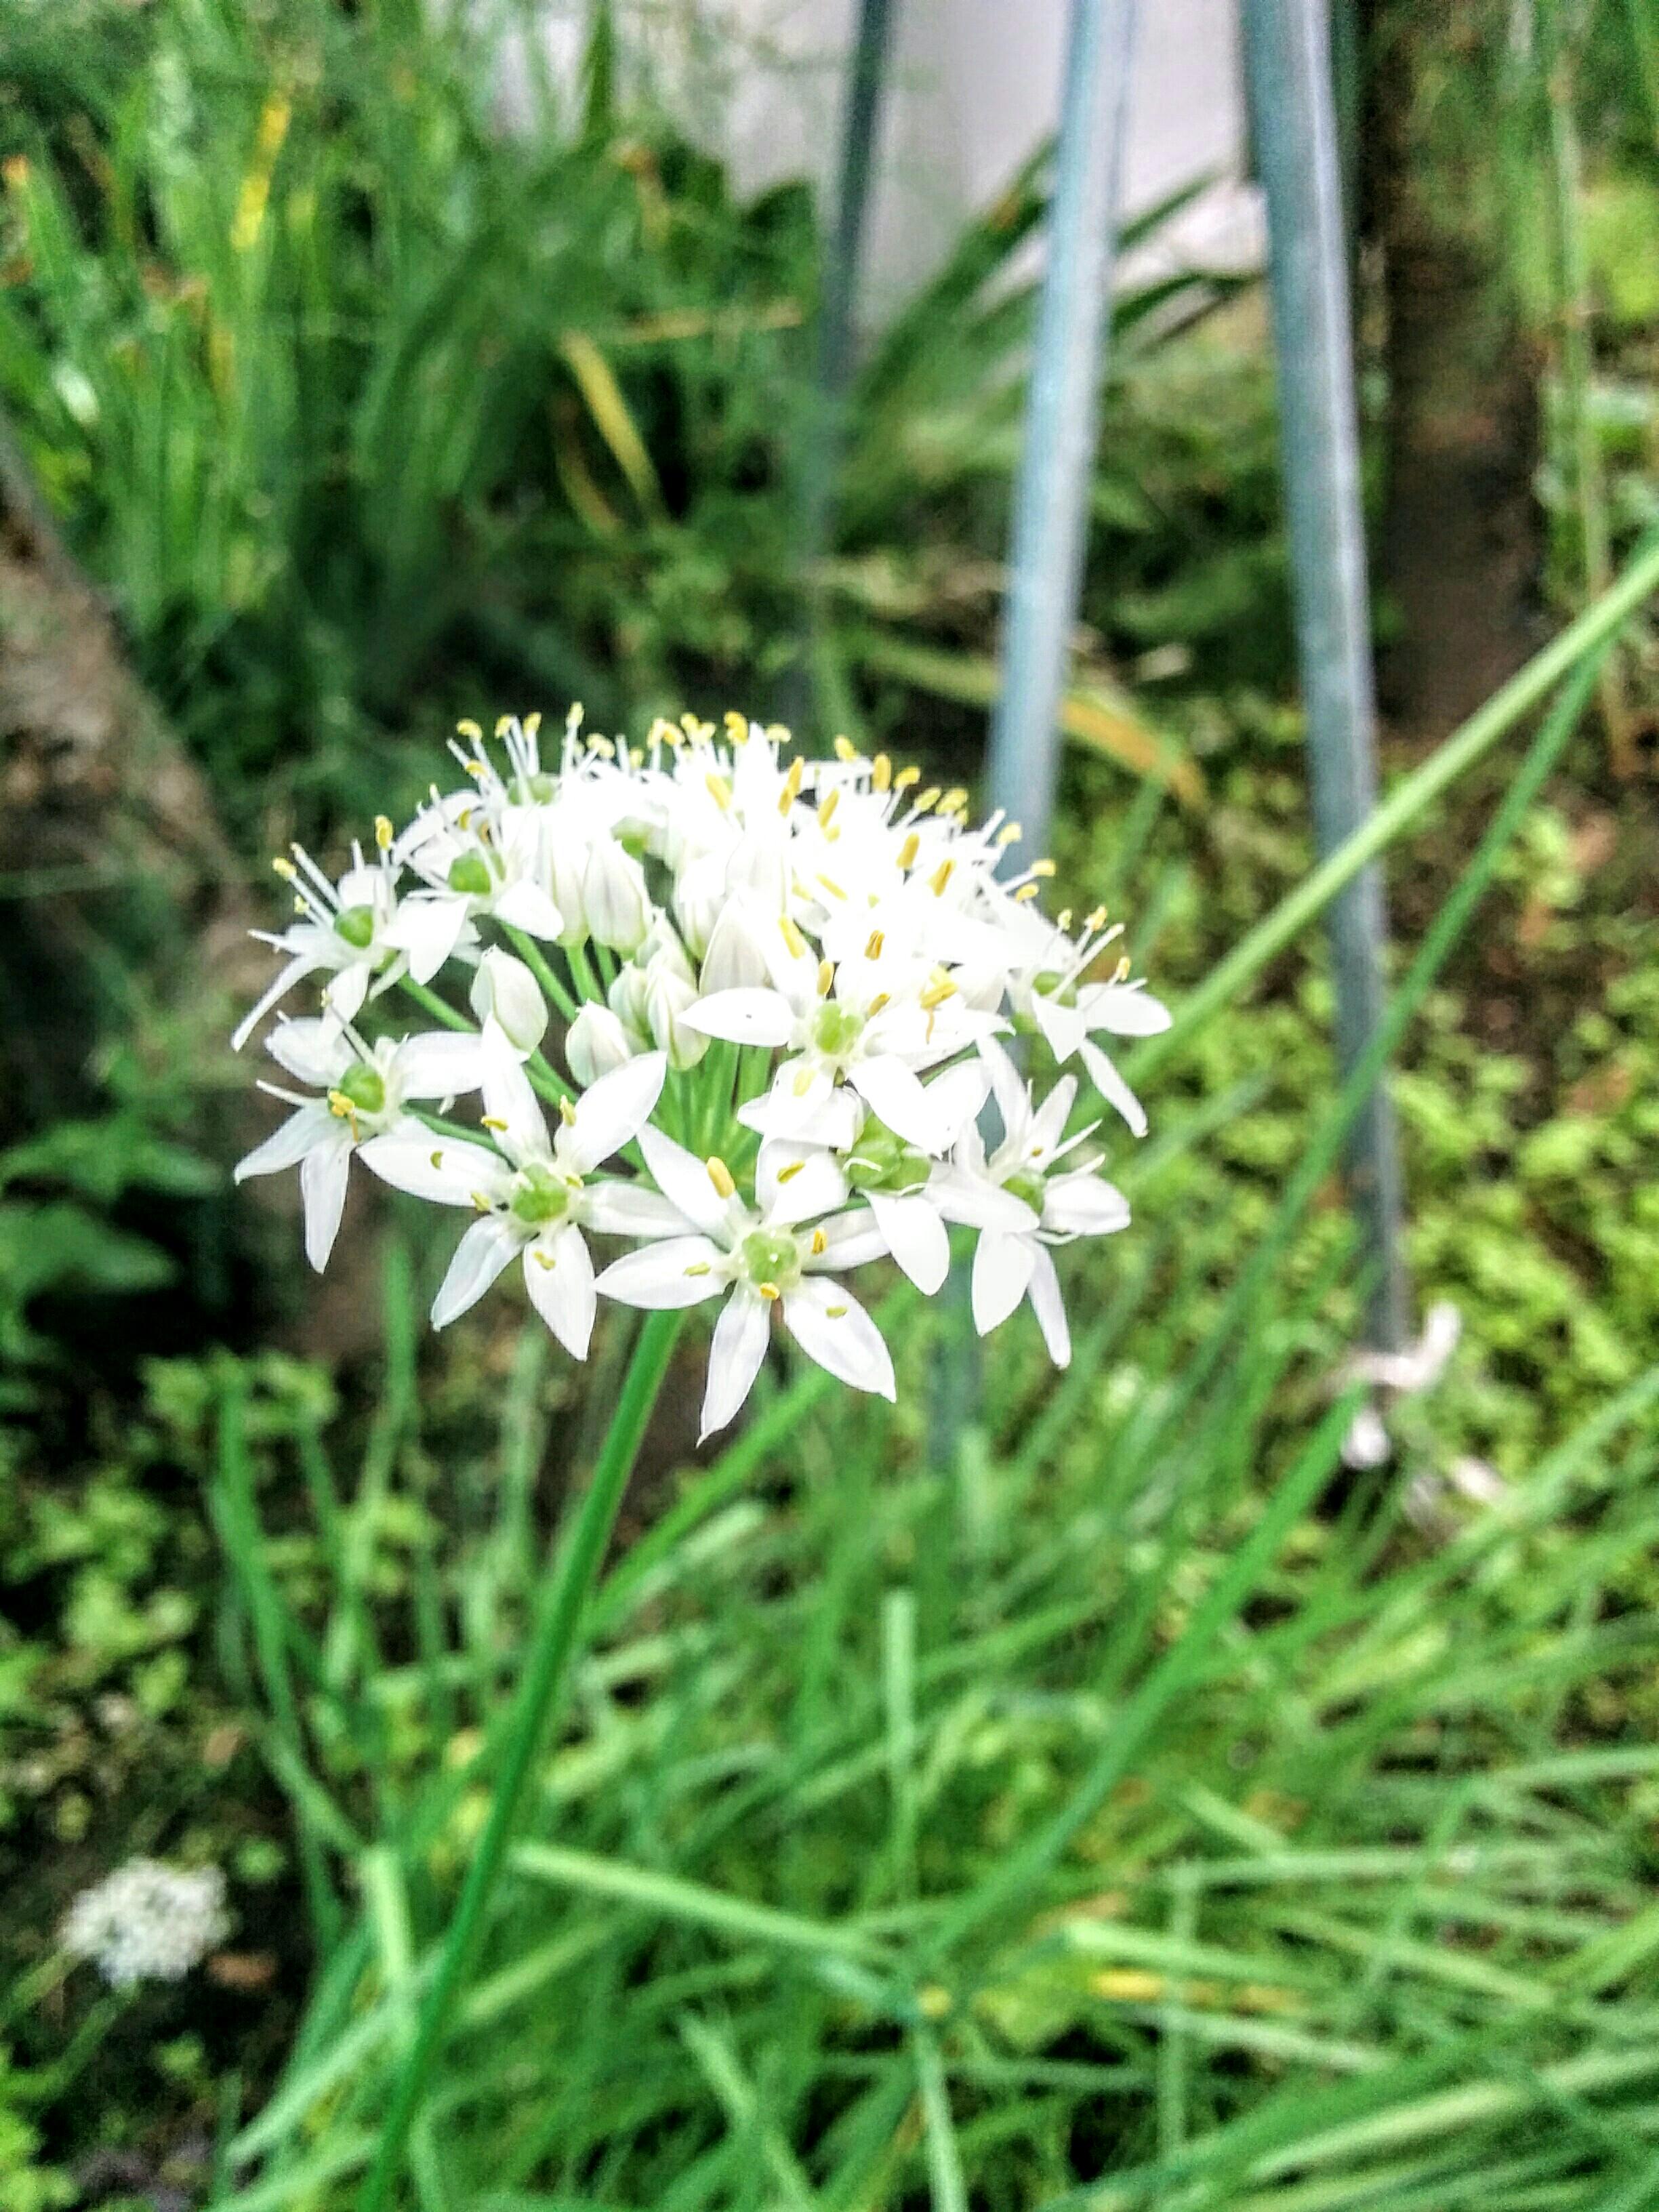 【小樽】我が家の畑にニラの花と朝顔が咲きました。